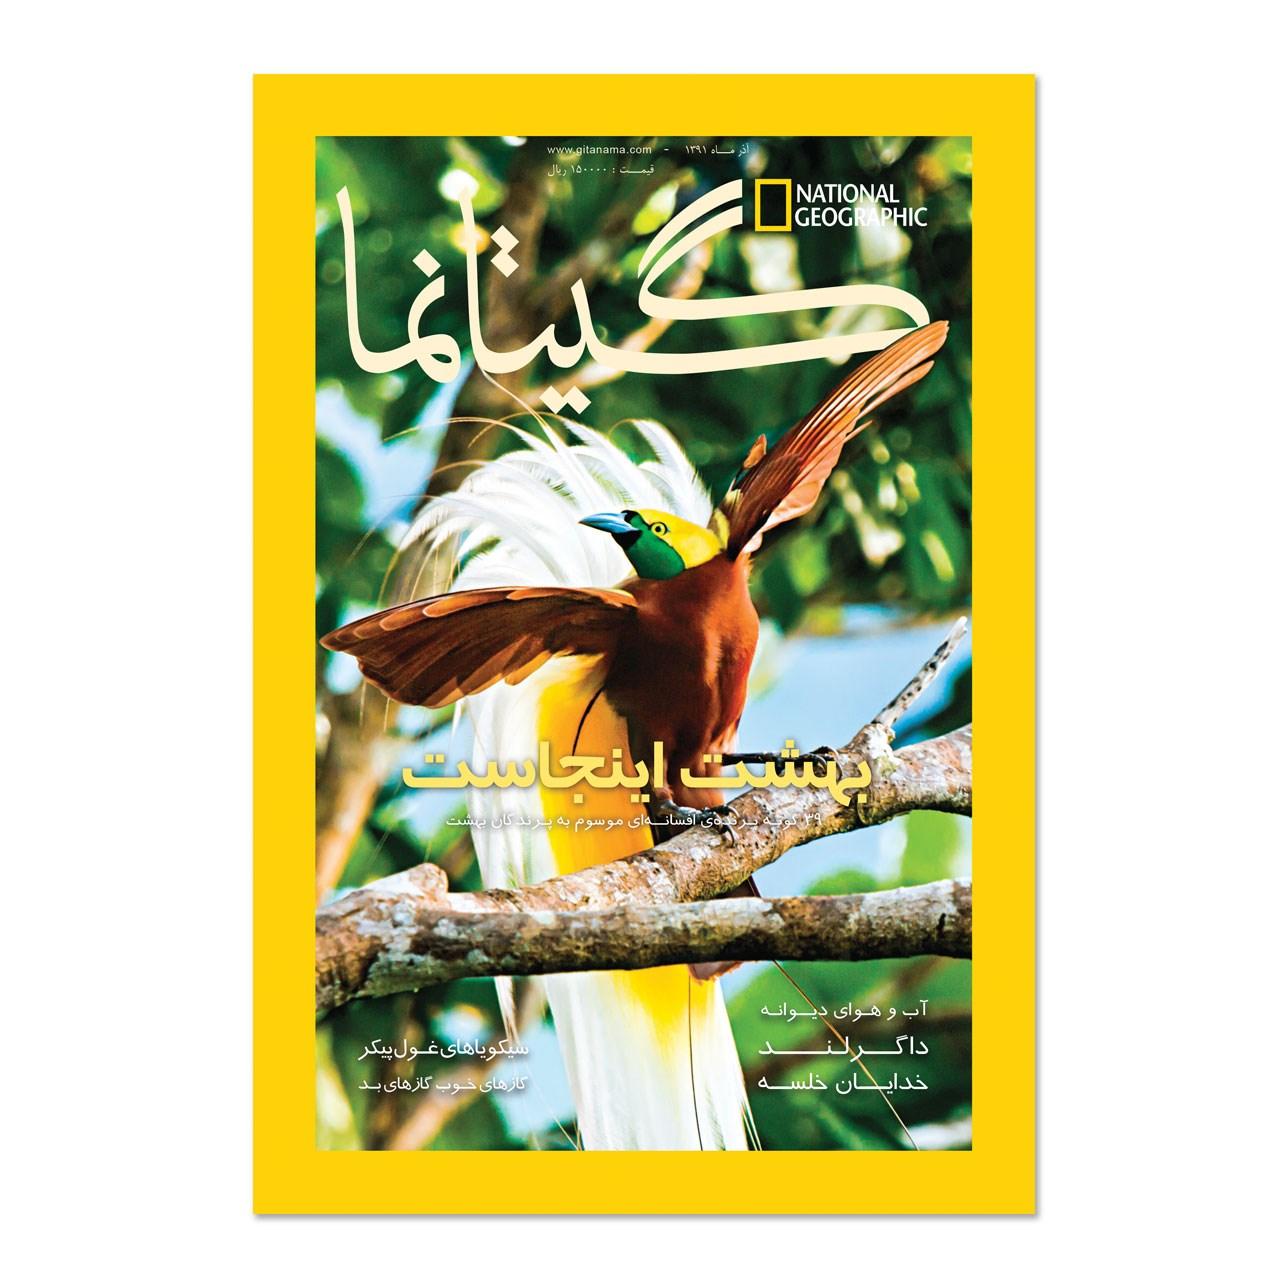 مجله نشنال جئوگرافیک فارسی - شماره 2